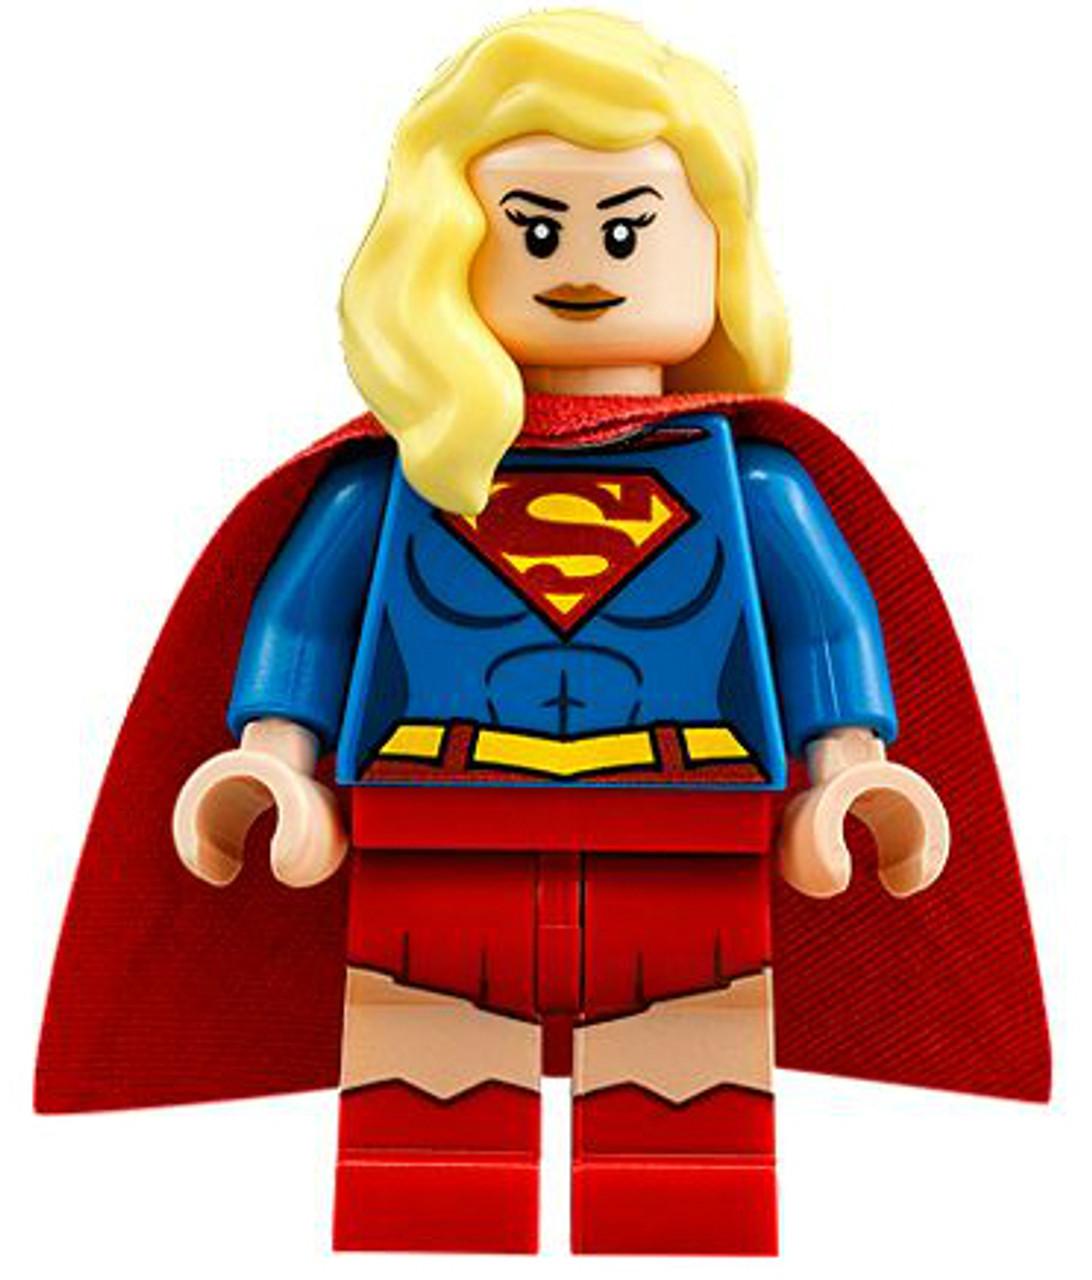 LEGO DC Supergirl Supergirl Minifigure Loose - ToyWiz